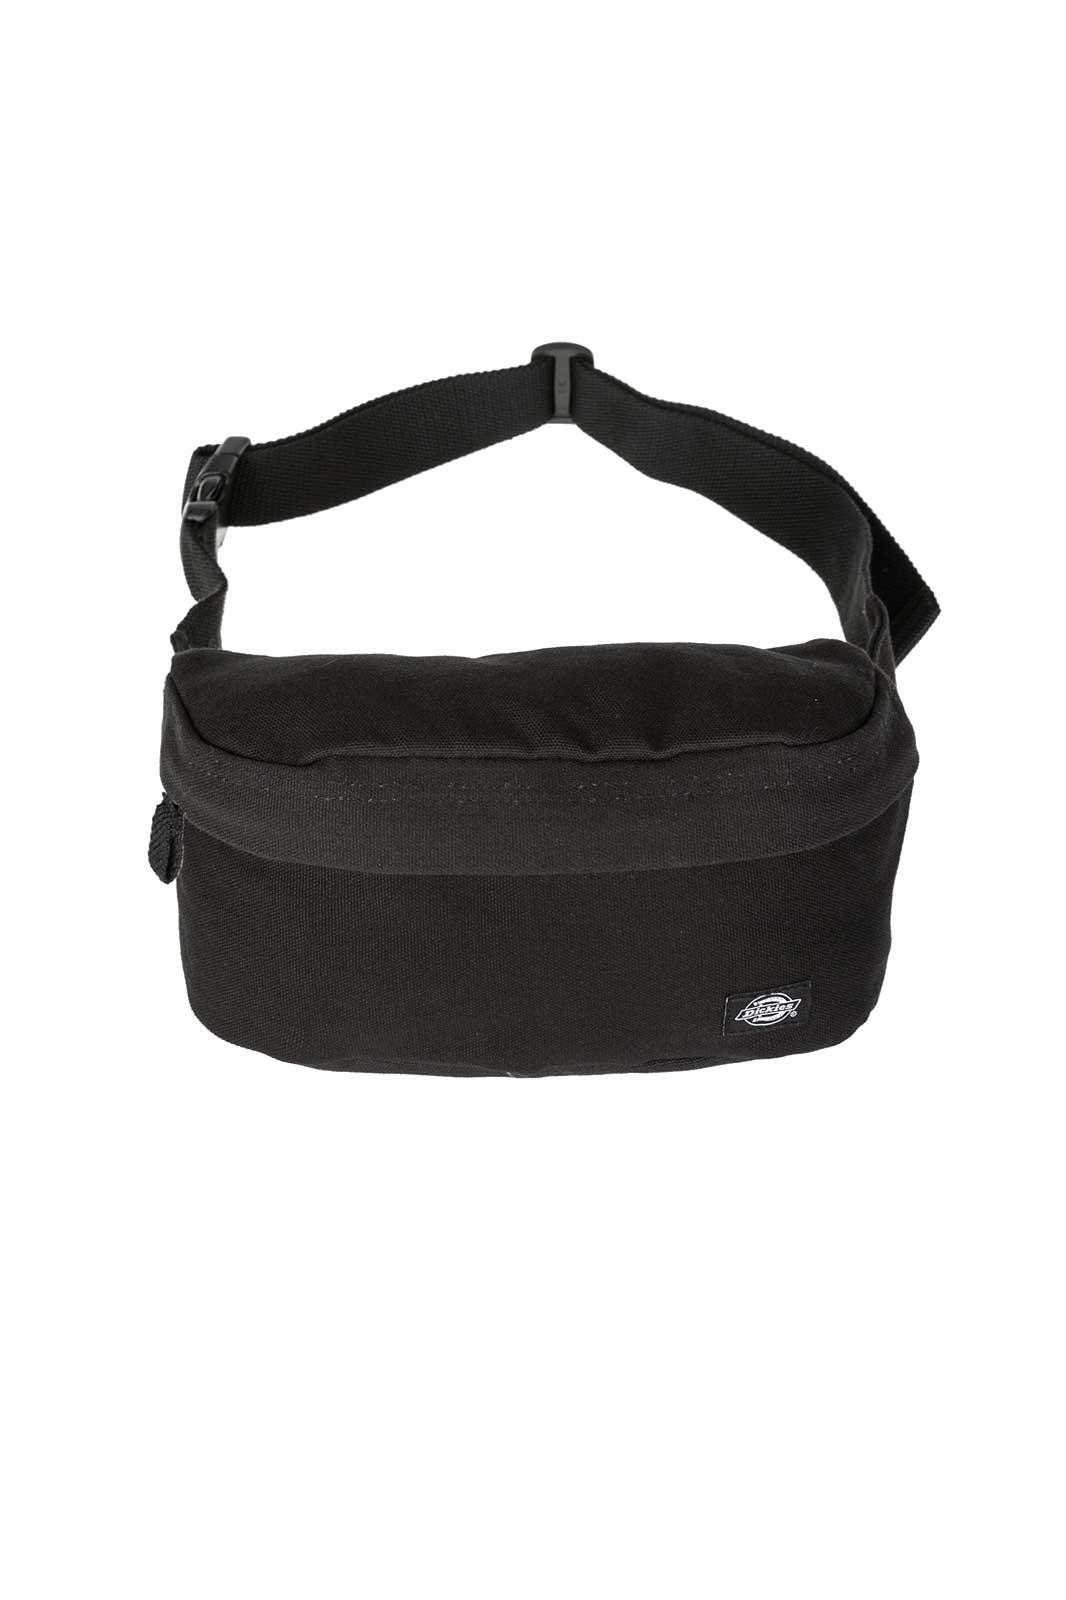 dickies-bag-penwell-black